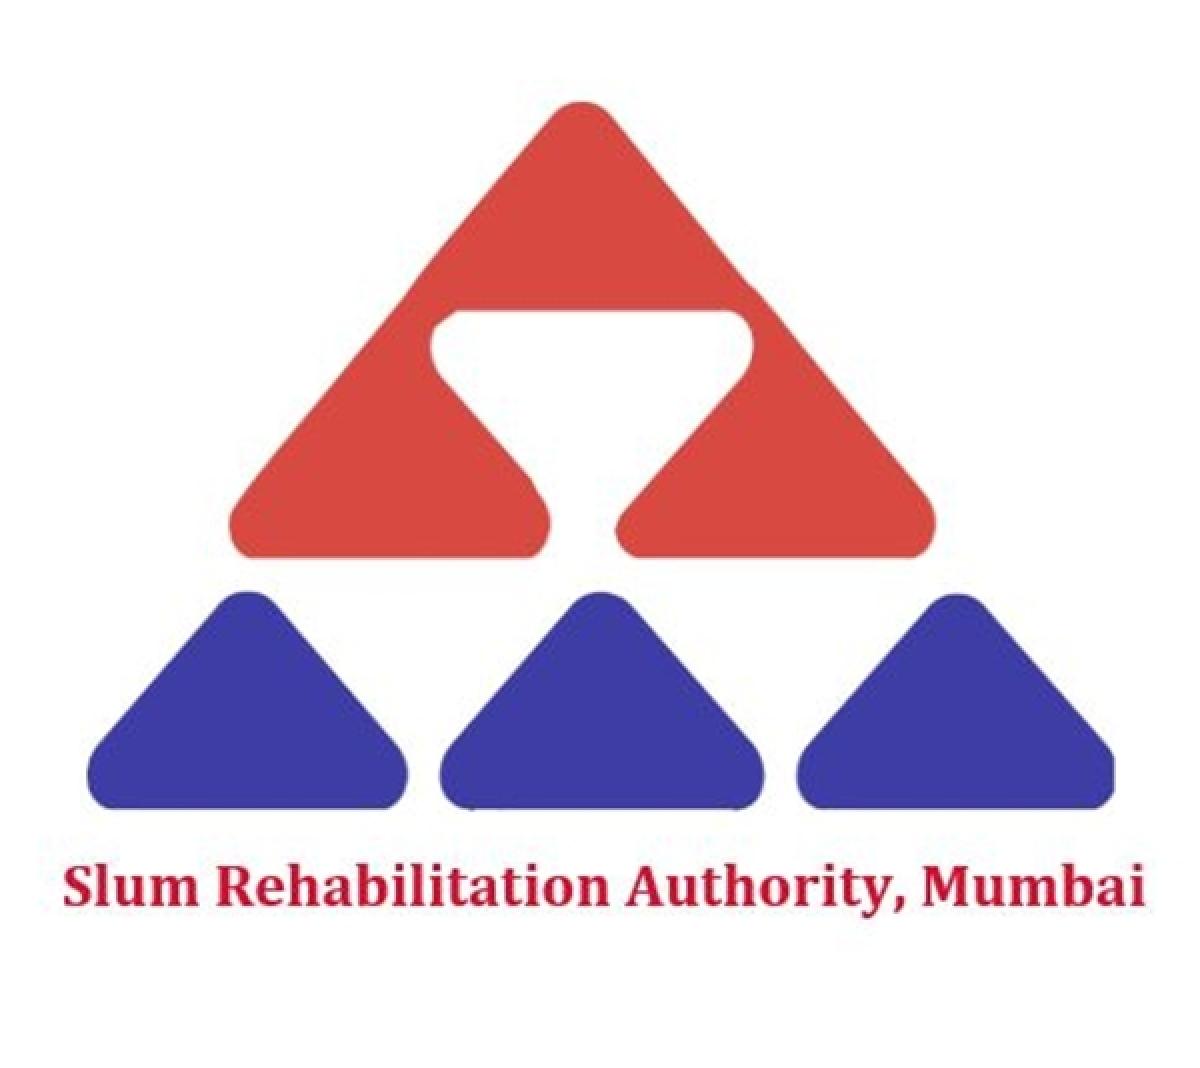 Mumbai: SRA lacks teeth to nab errant officers